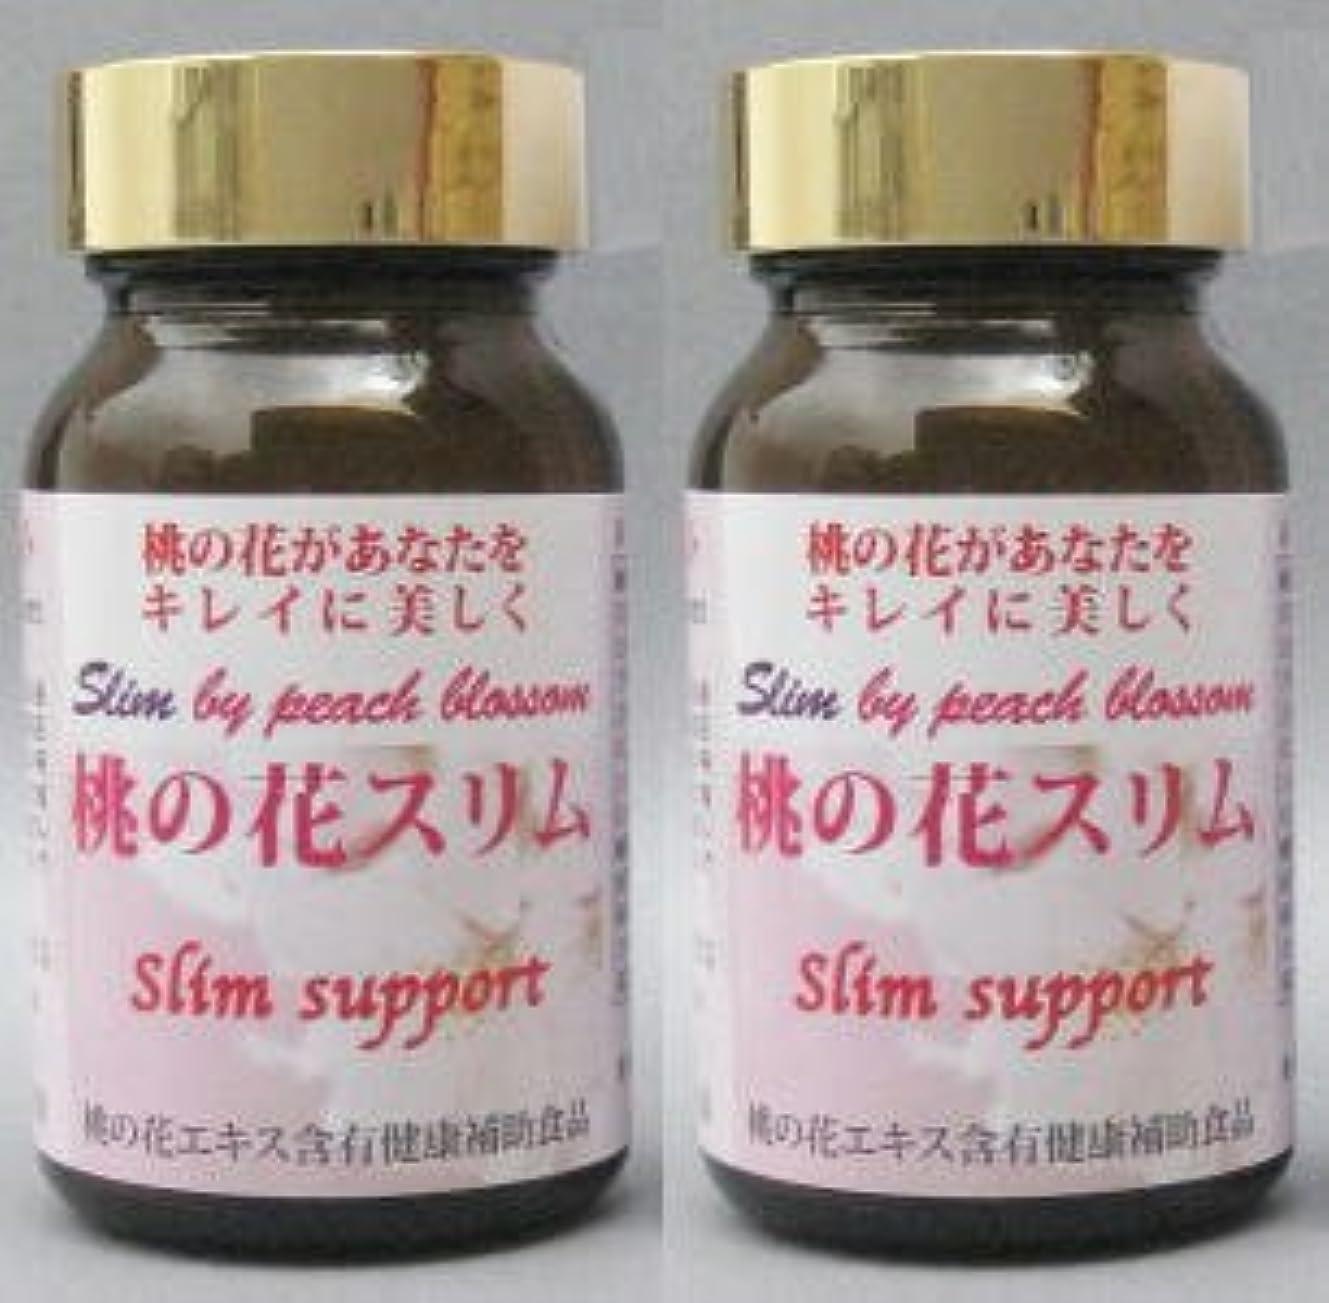 栄養敬礼アーティストSlim support 桃の花エキス含有健康補助食品 桃の花スリム 200mg×180粒 2箱